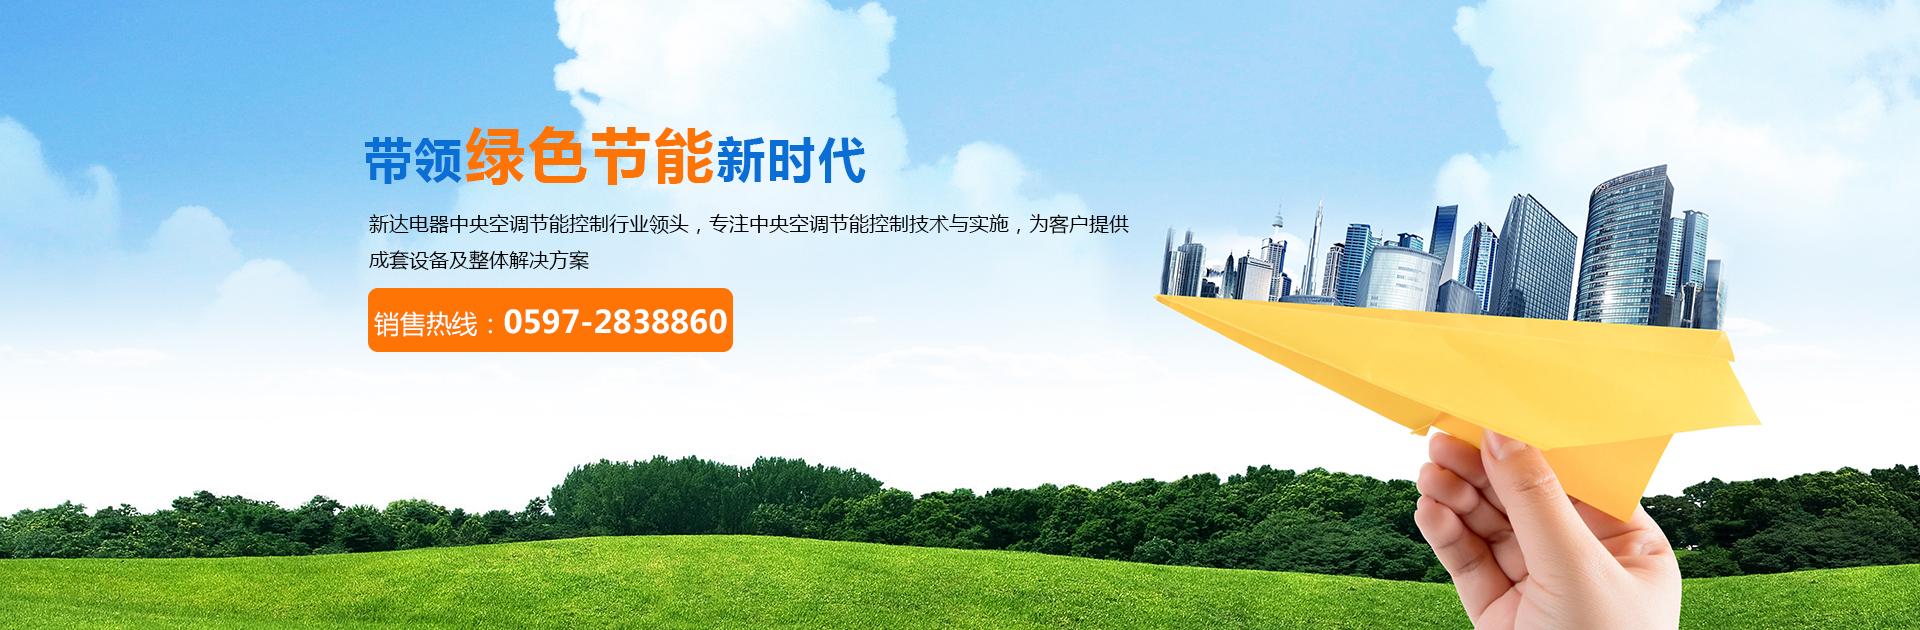 龙岩市大发游戏官网电器工贸有限公司